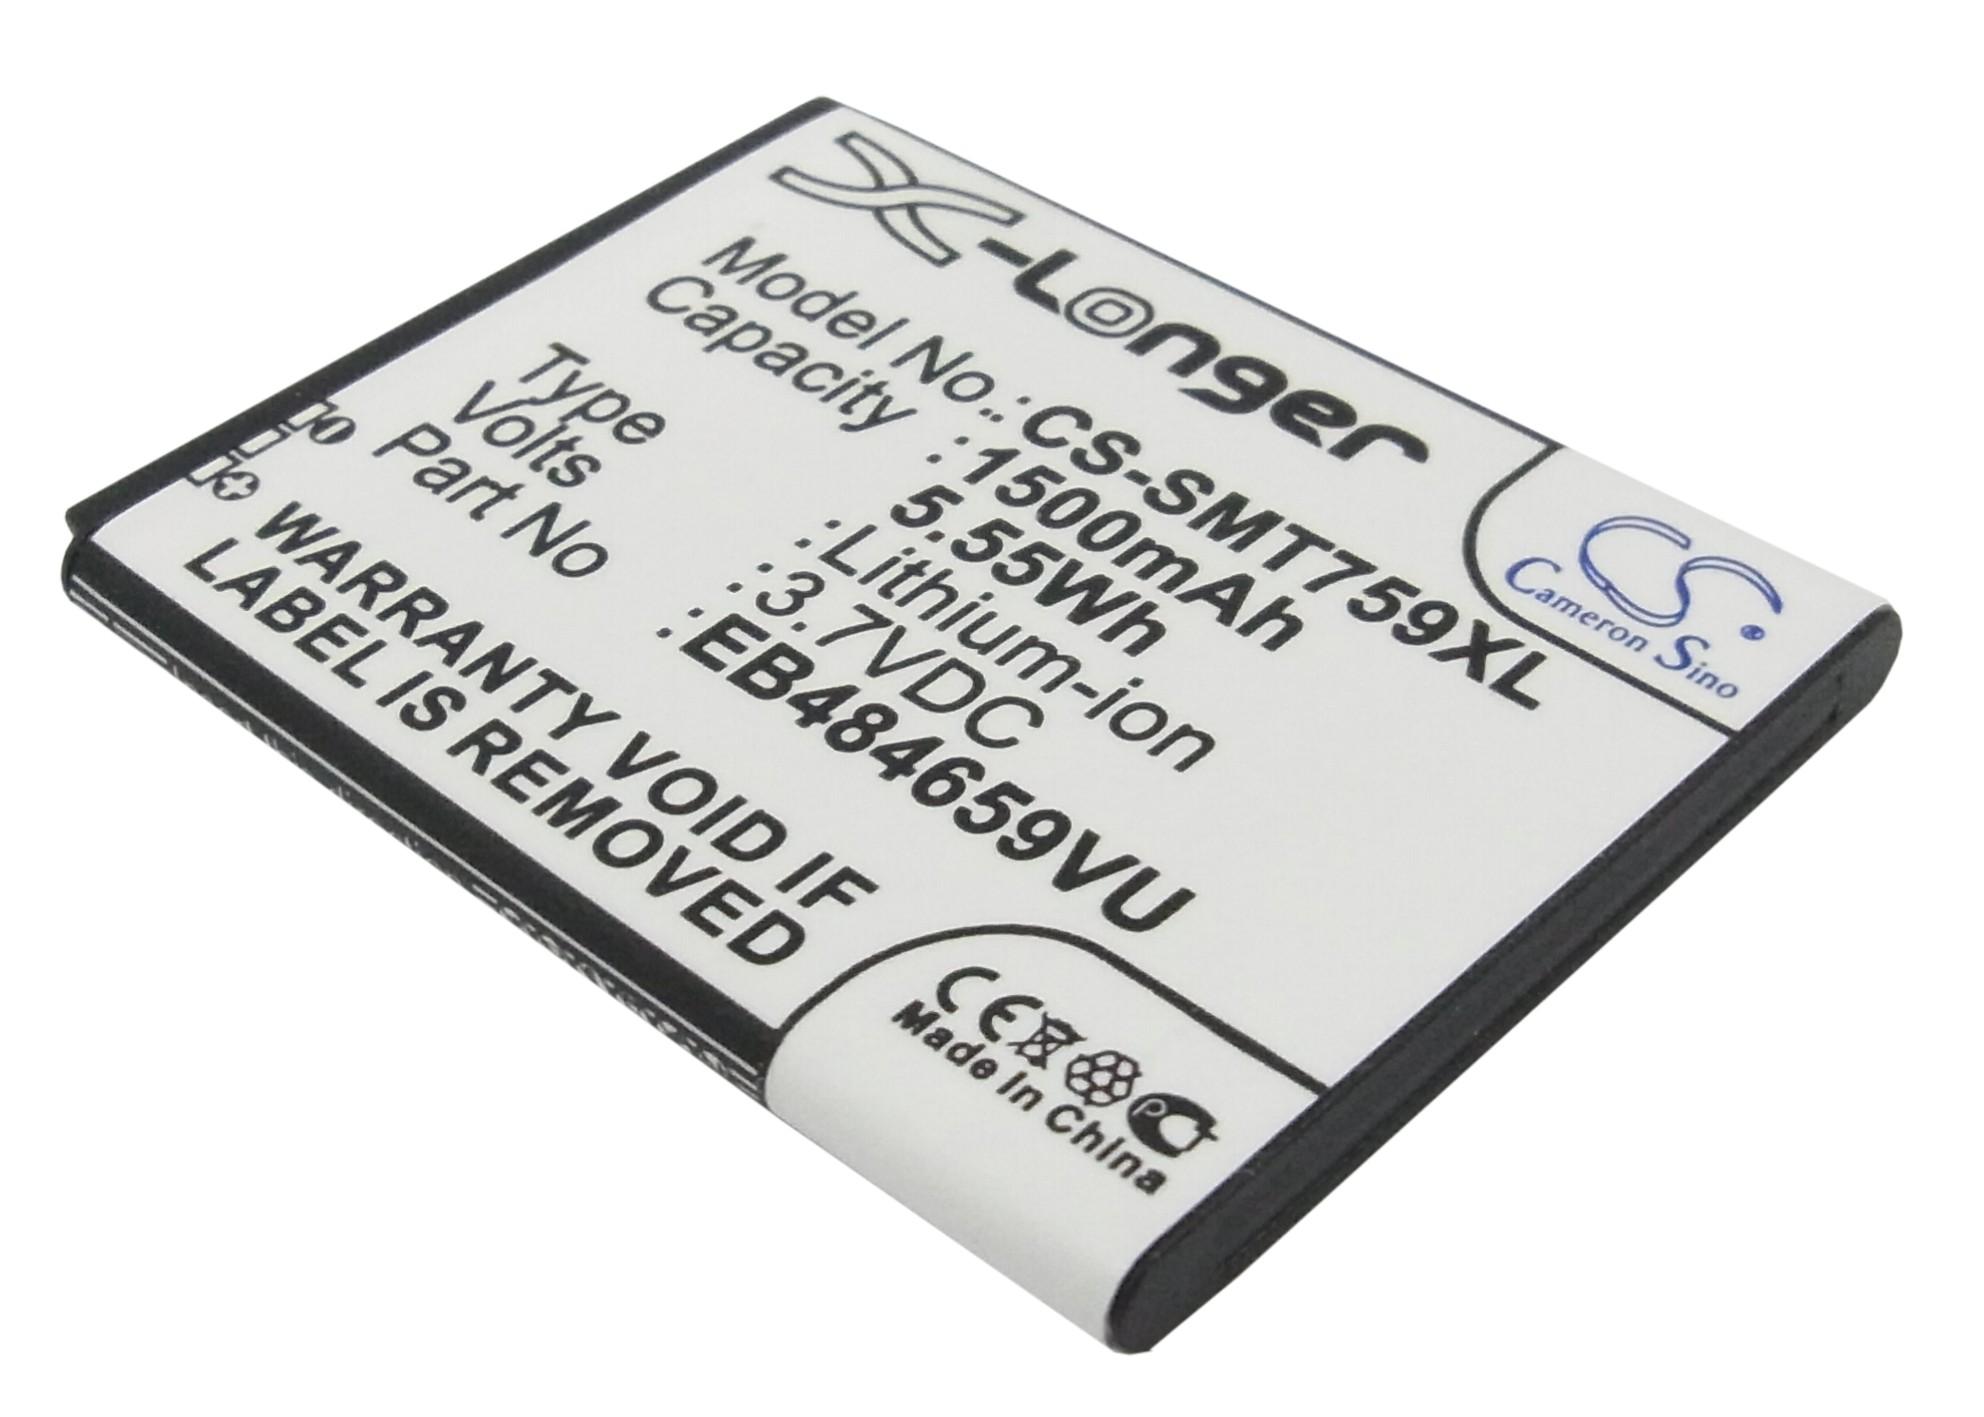 Cameron Sino baterie do mobilů pro SAMSUNG Galaxy Q 3.7V Li-ion 1500mAh černá - neoriginální